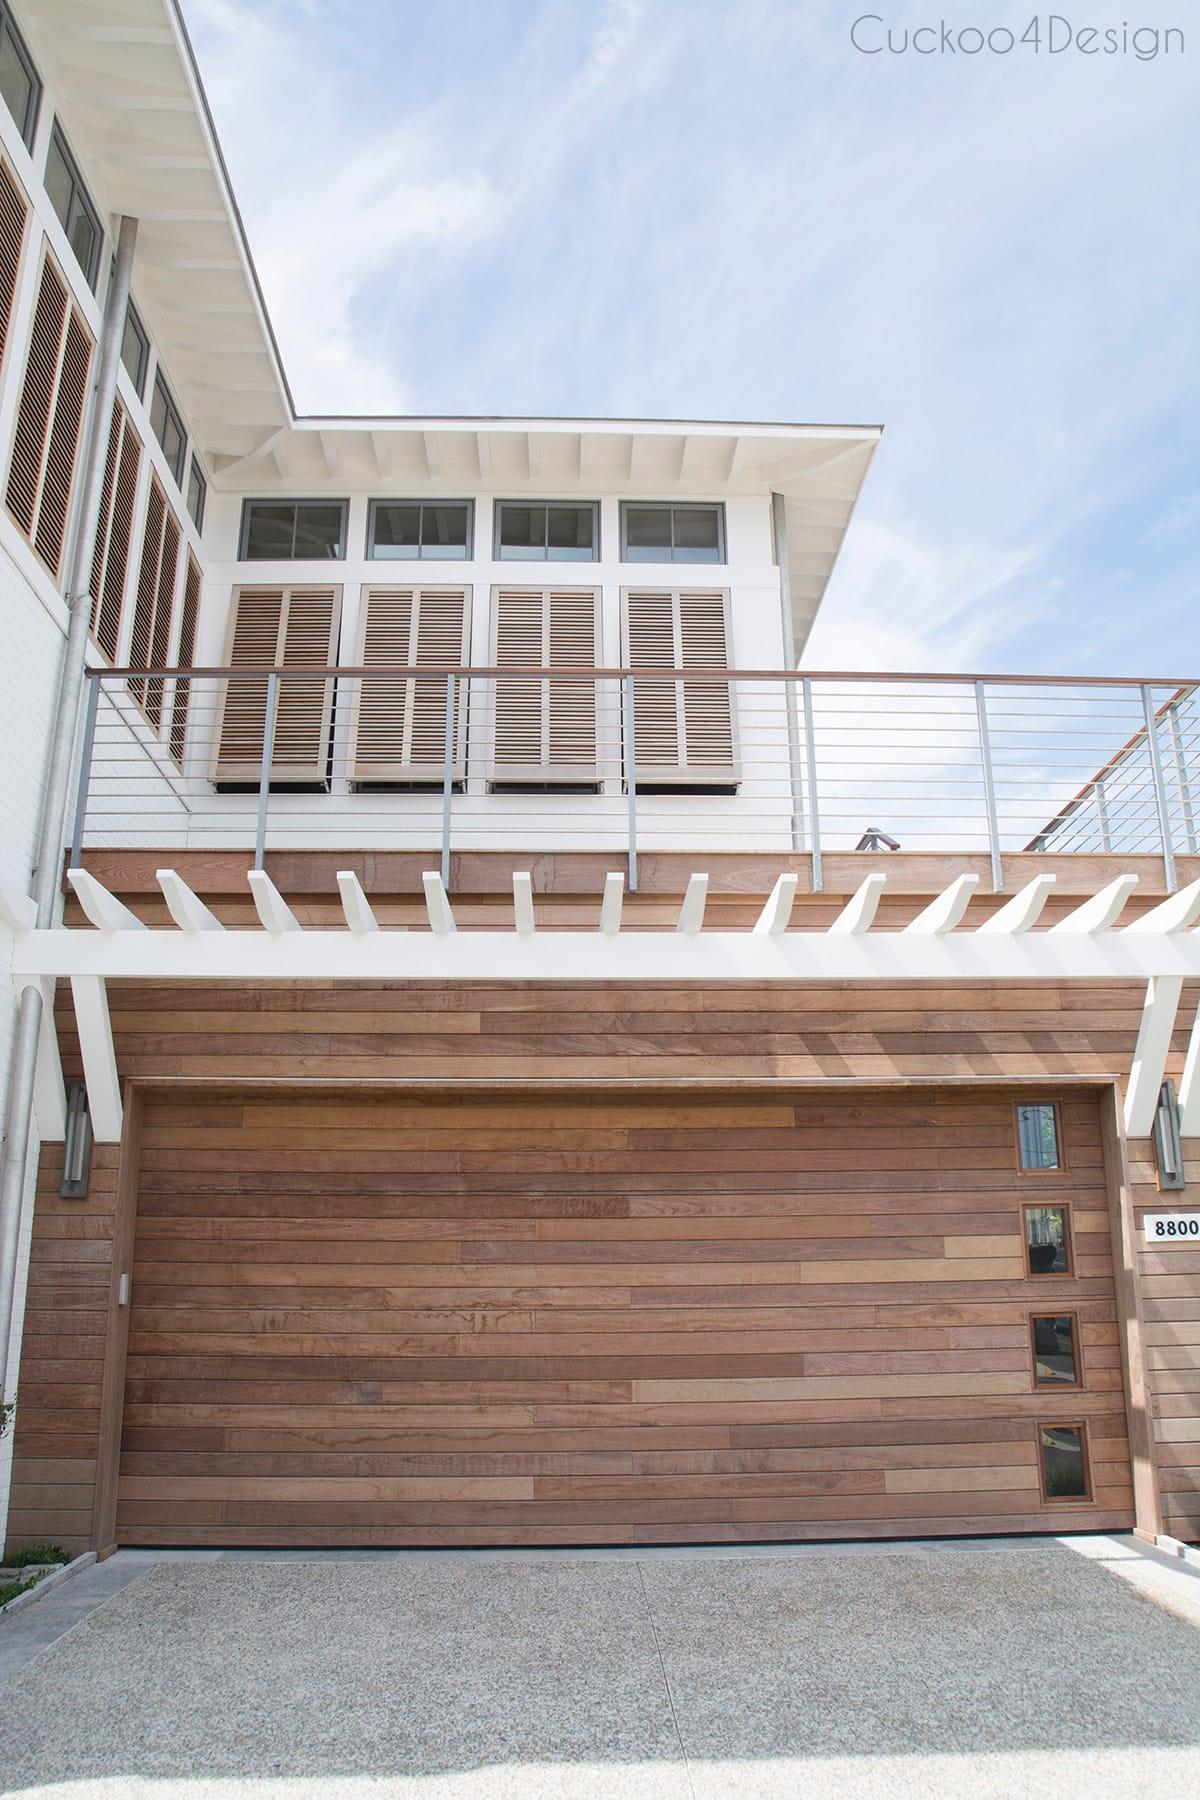 wooden Bahama shutters with modern wooden garage door